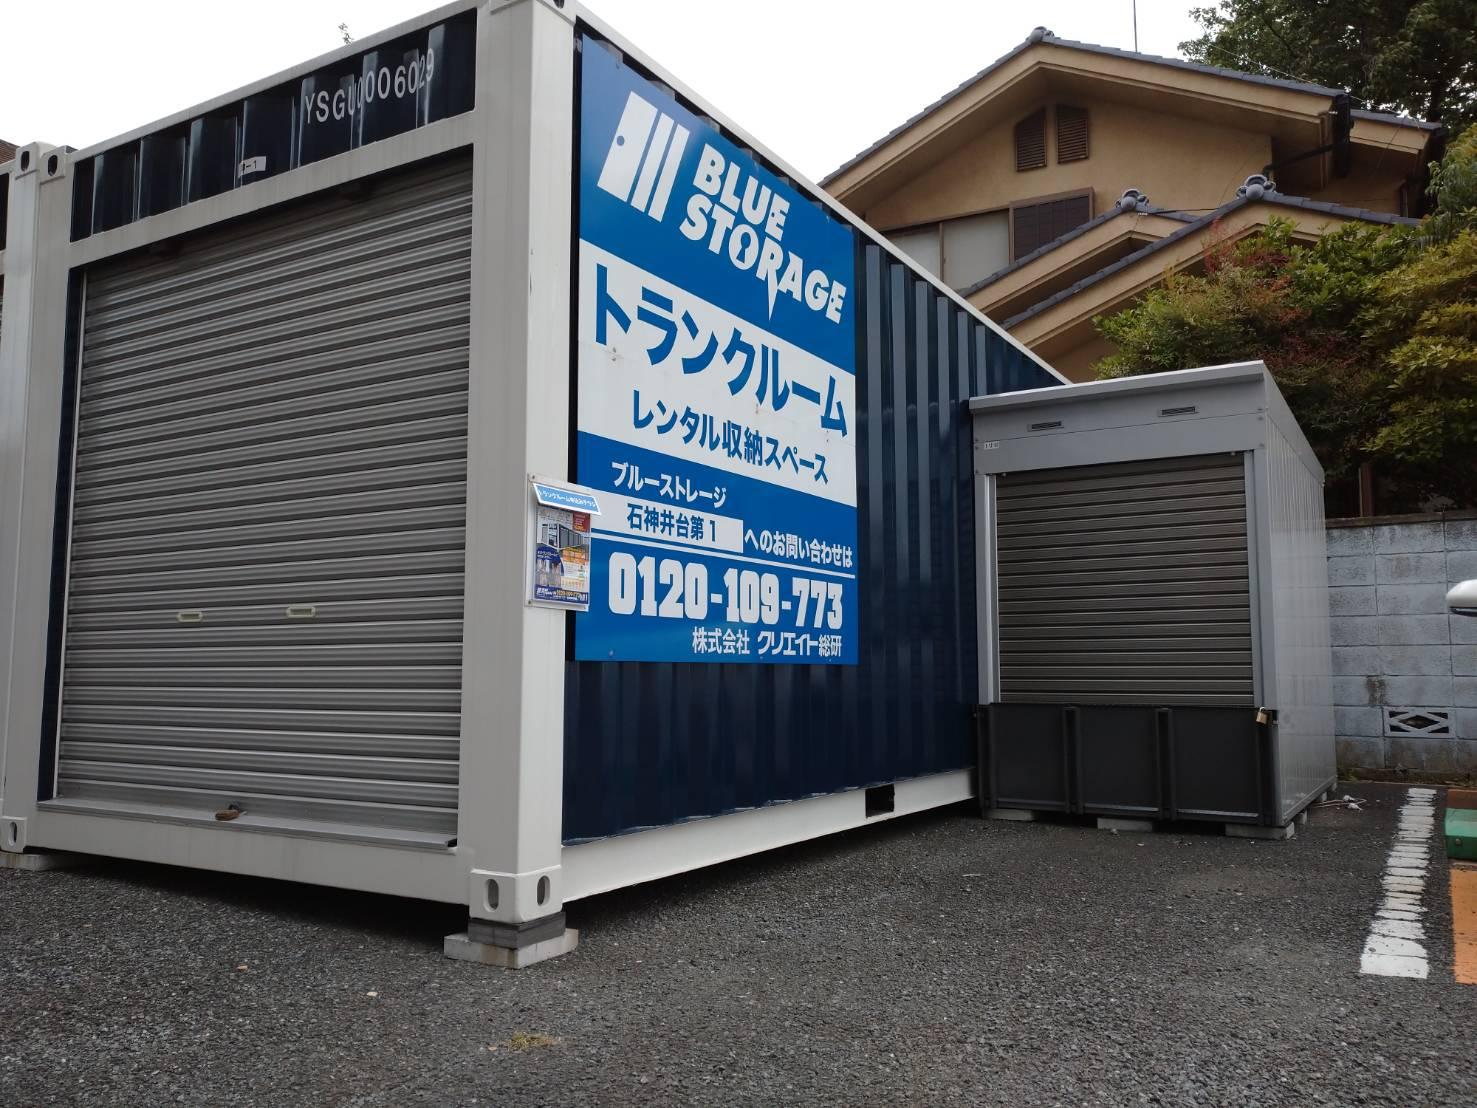 バイクストレージ石神井台P3